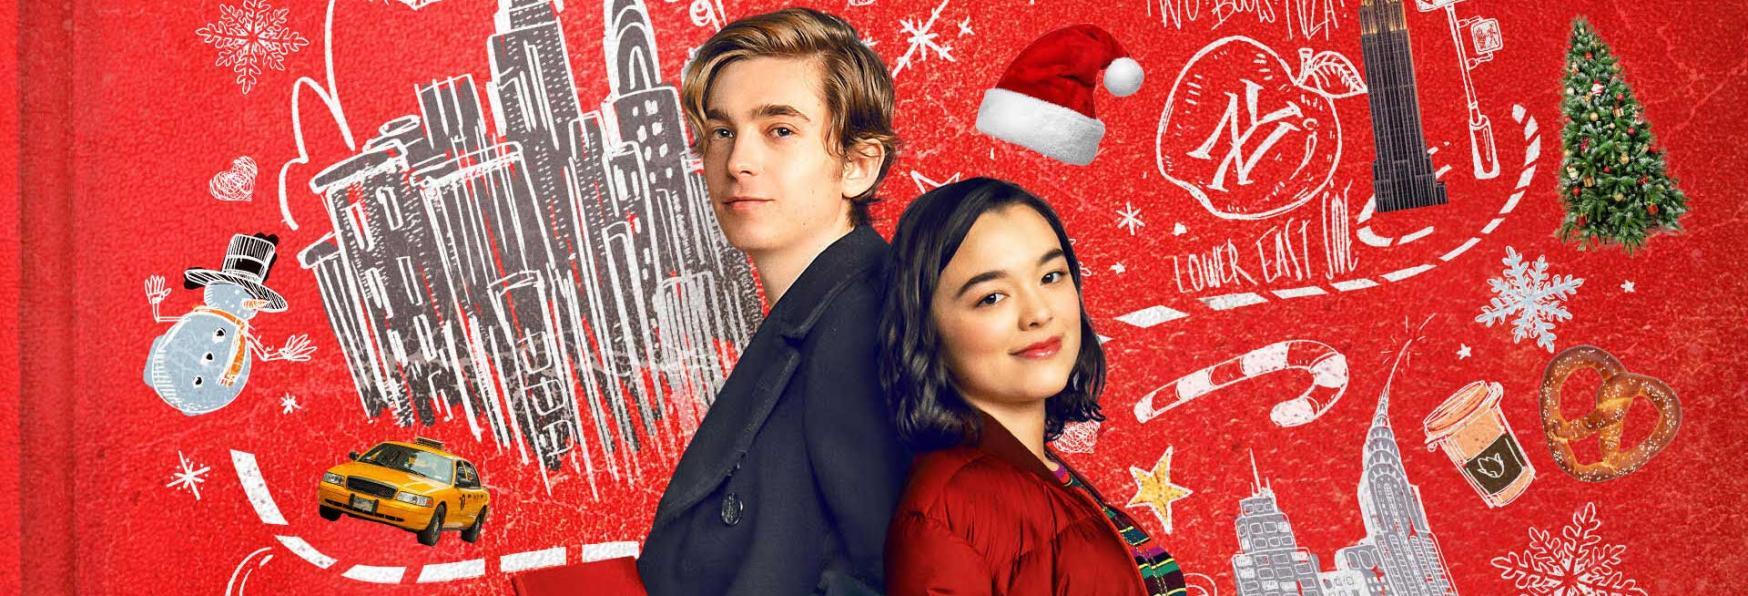 Dash & Lily 2 non ci sarà! Cancellata la Serie TV targata Netflix